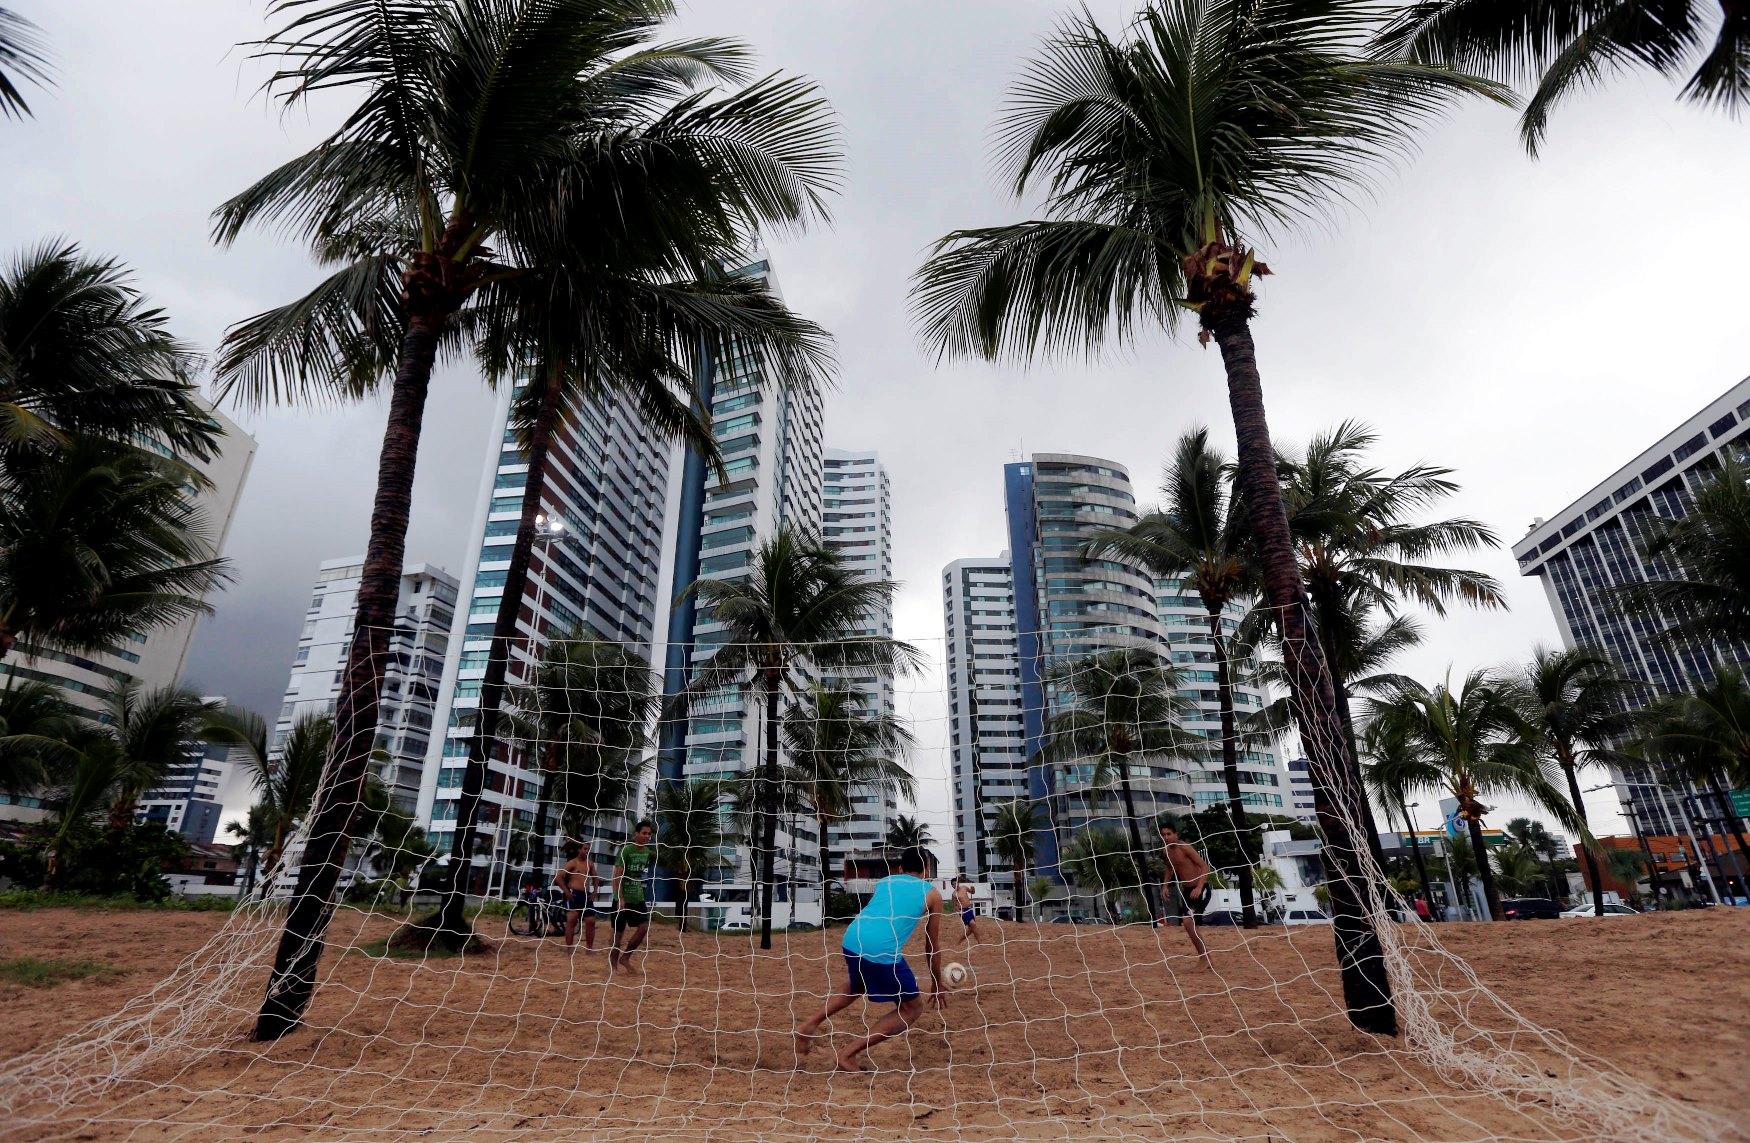 Μπορεί το Παγκόσμιο Κύπελλο να σώσει τον τουρισμό της Βραζιλίας;